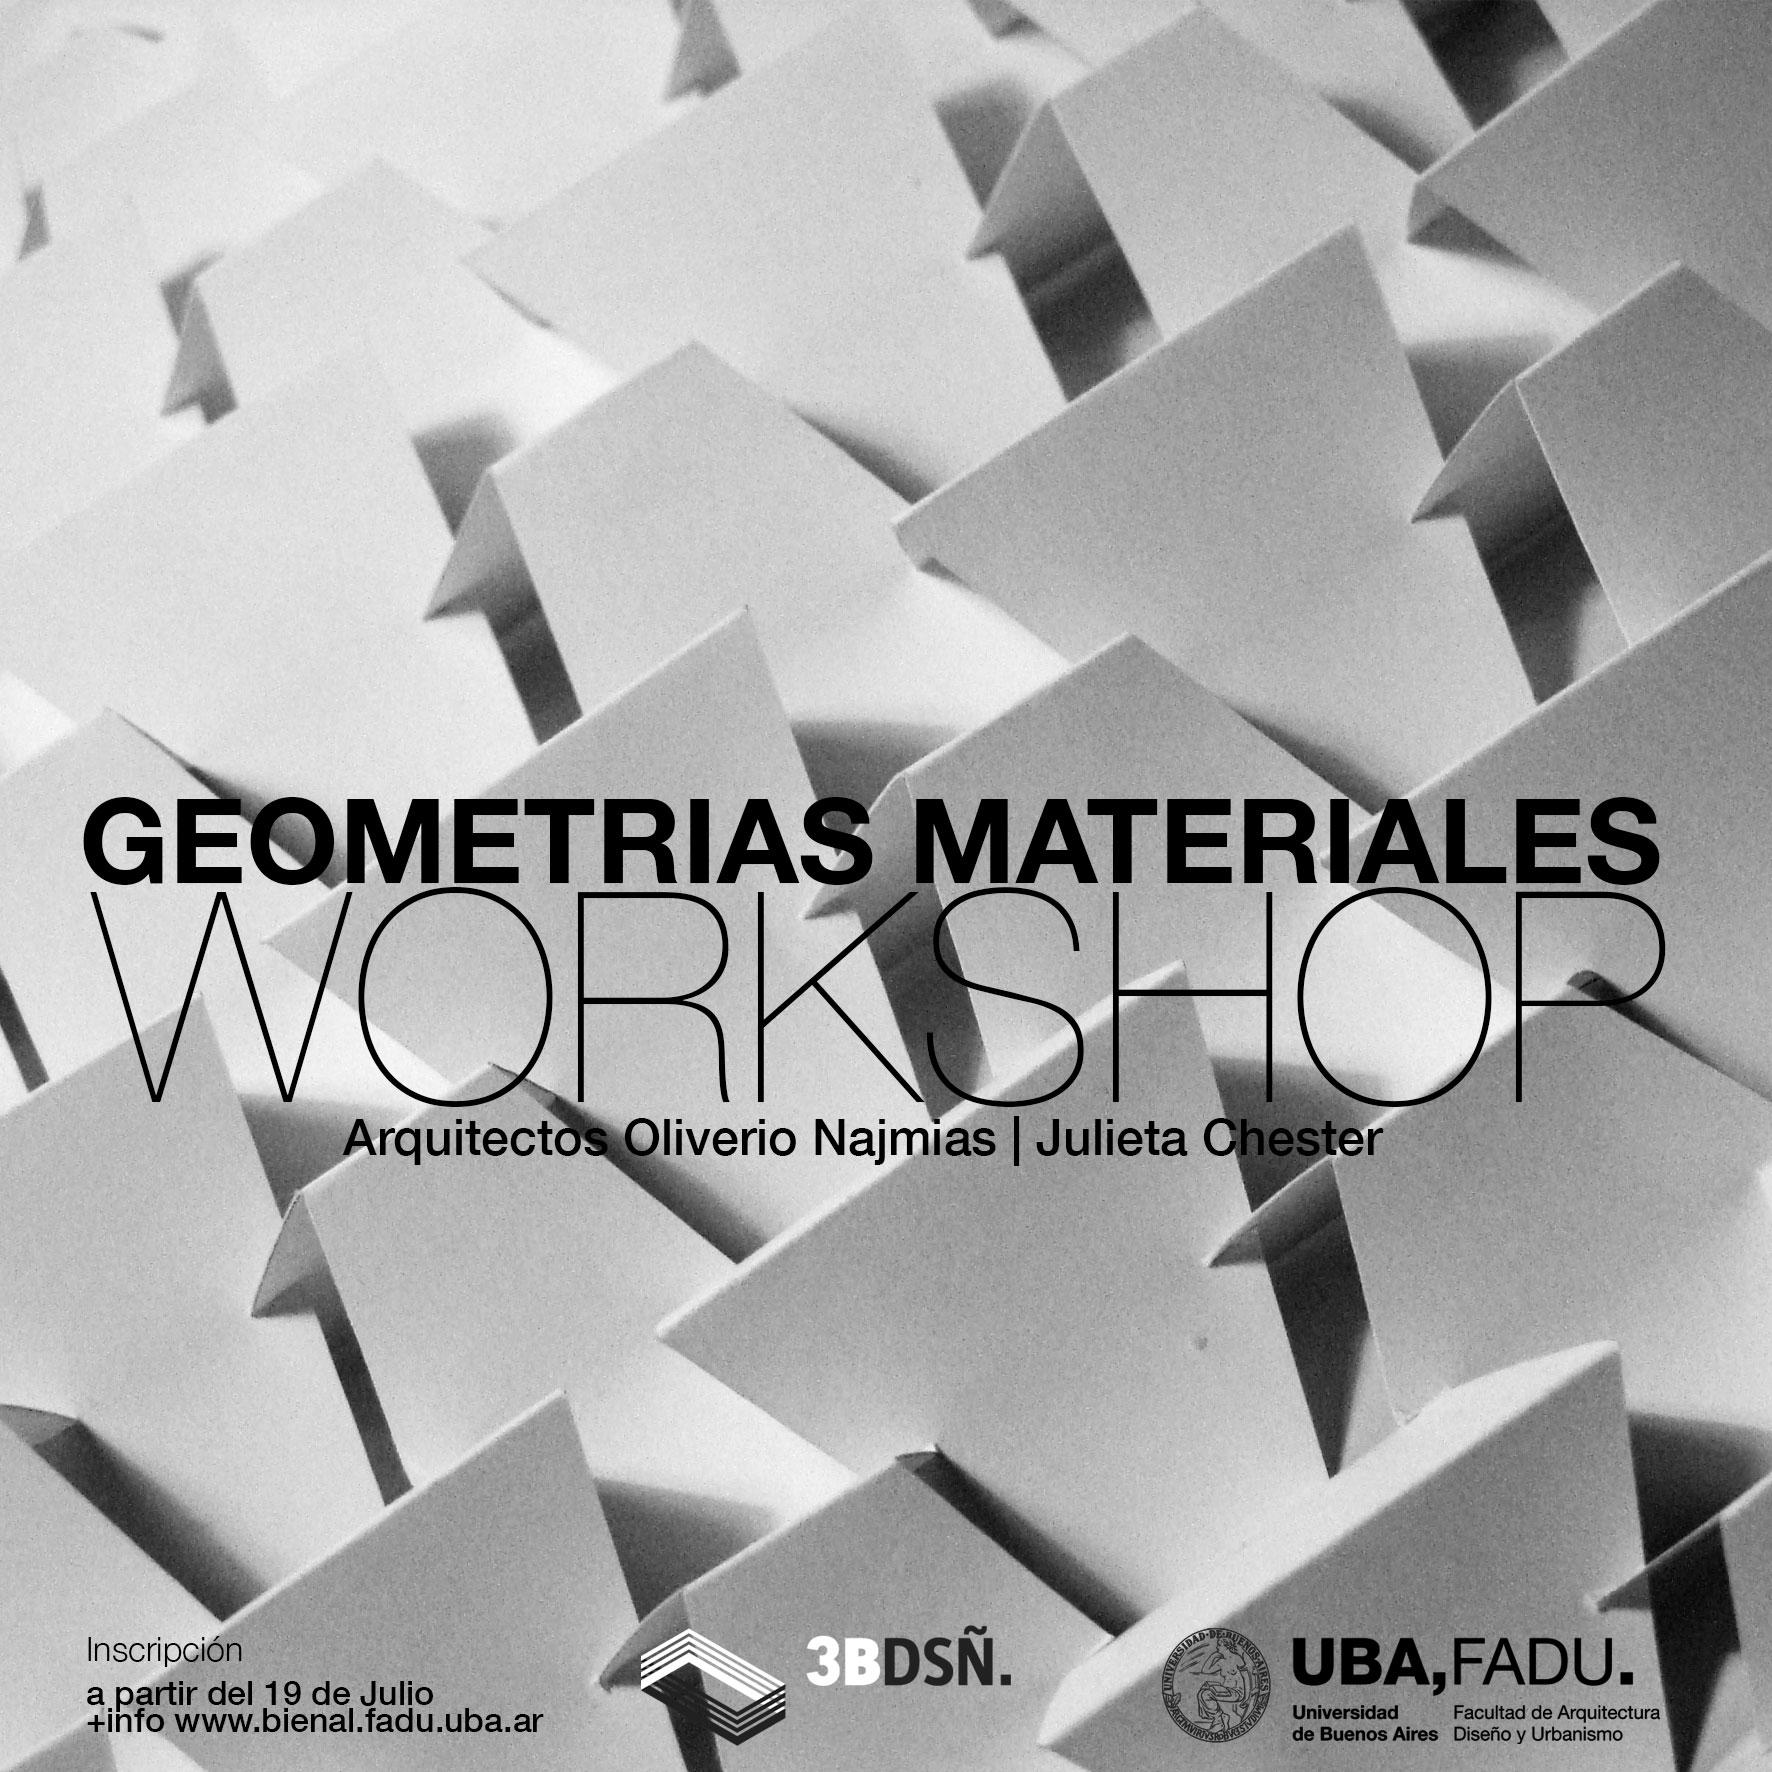 Flyer del Workshop Geometrías Materiales dictado por el arquitecto Oliverio Najmias en la FADU-UBA en la foto en blanco y negro plegados en papel